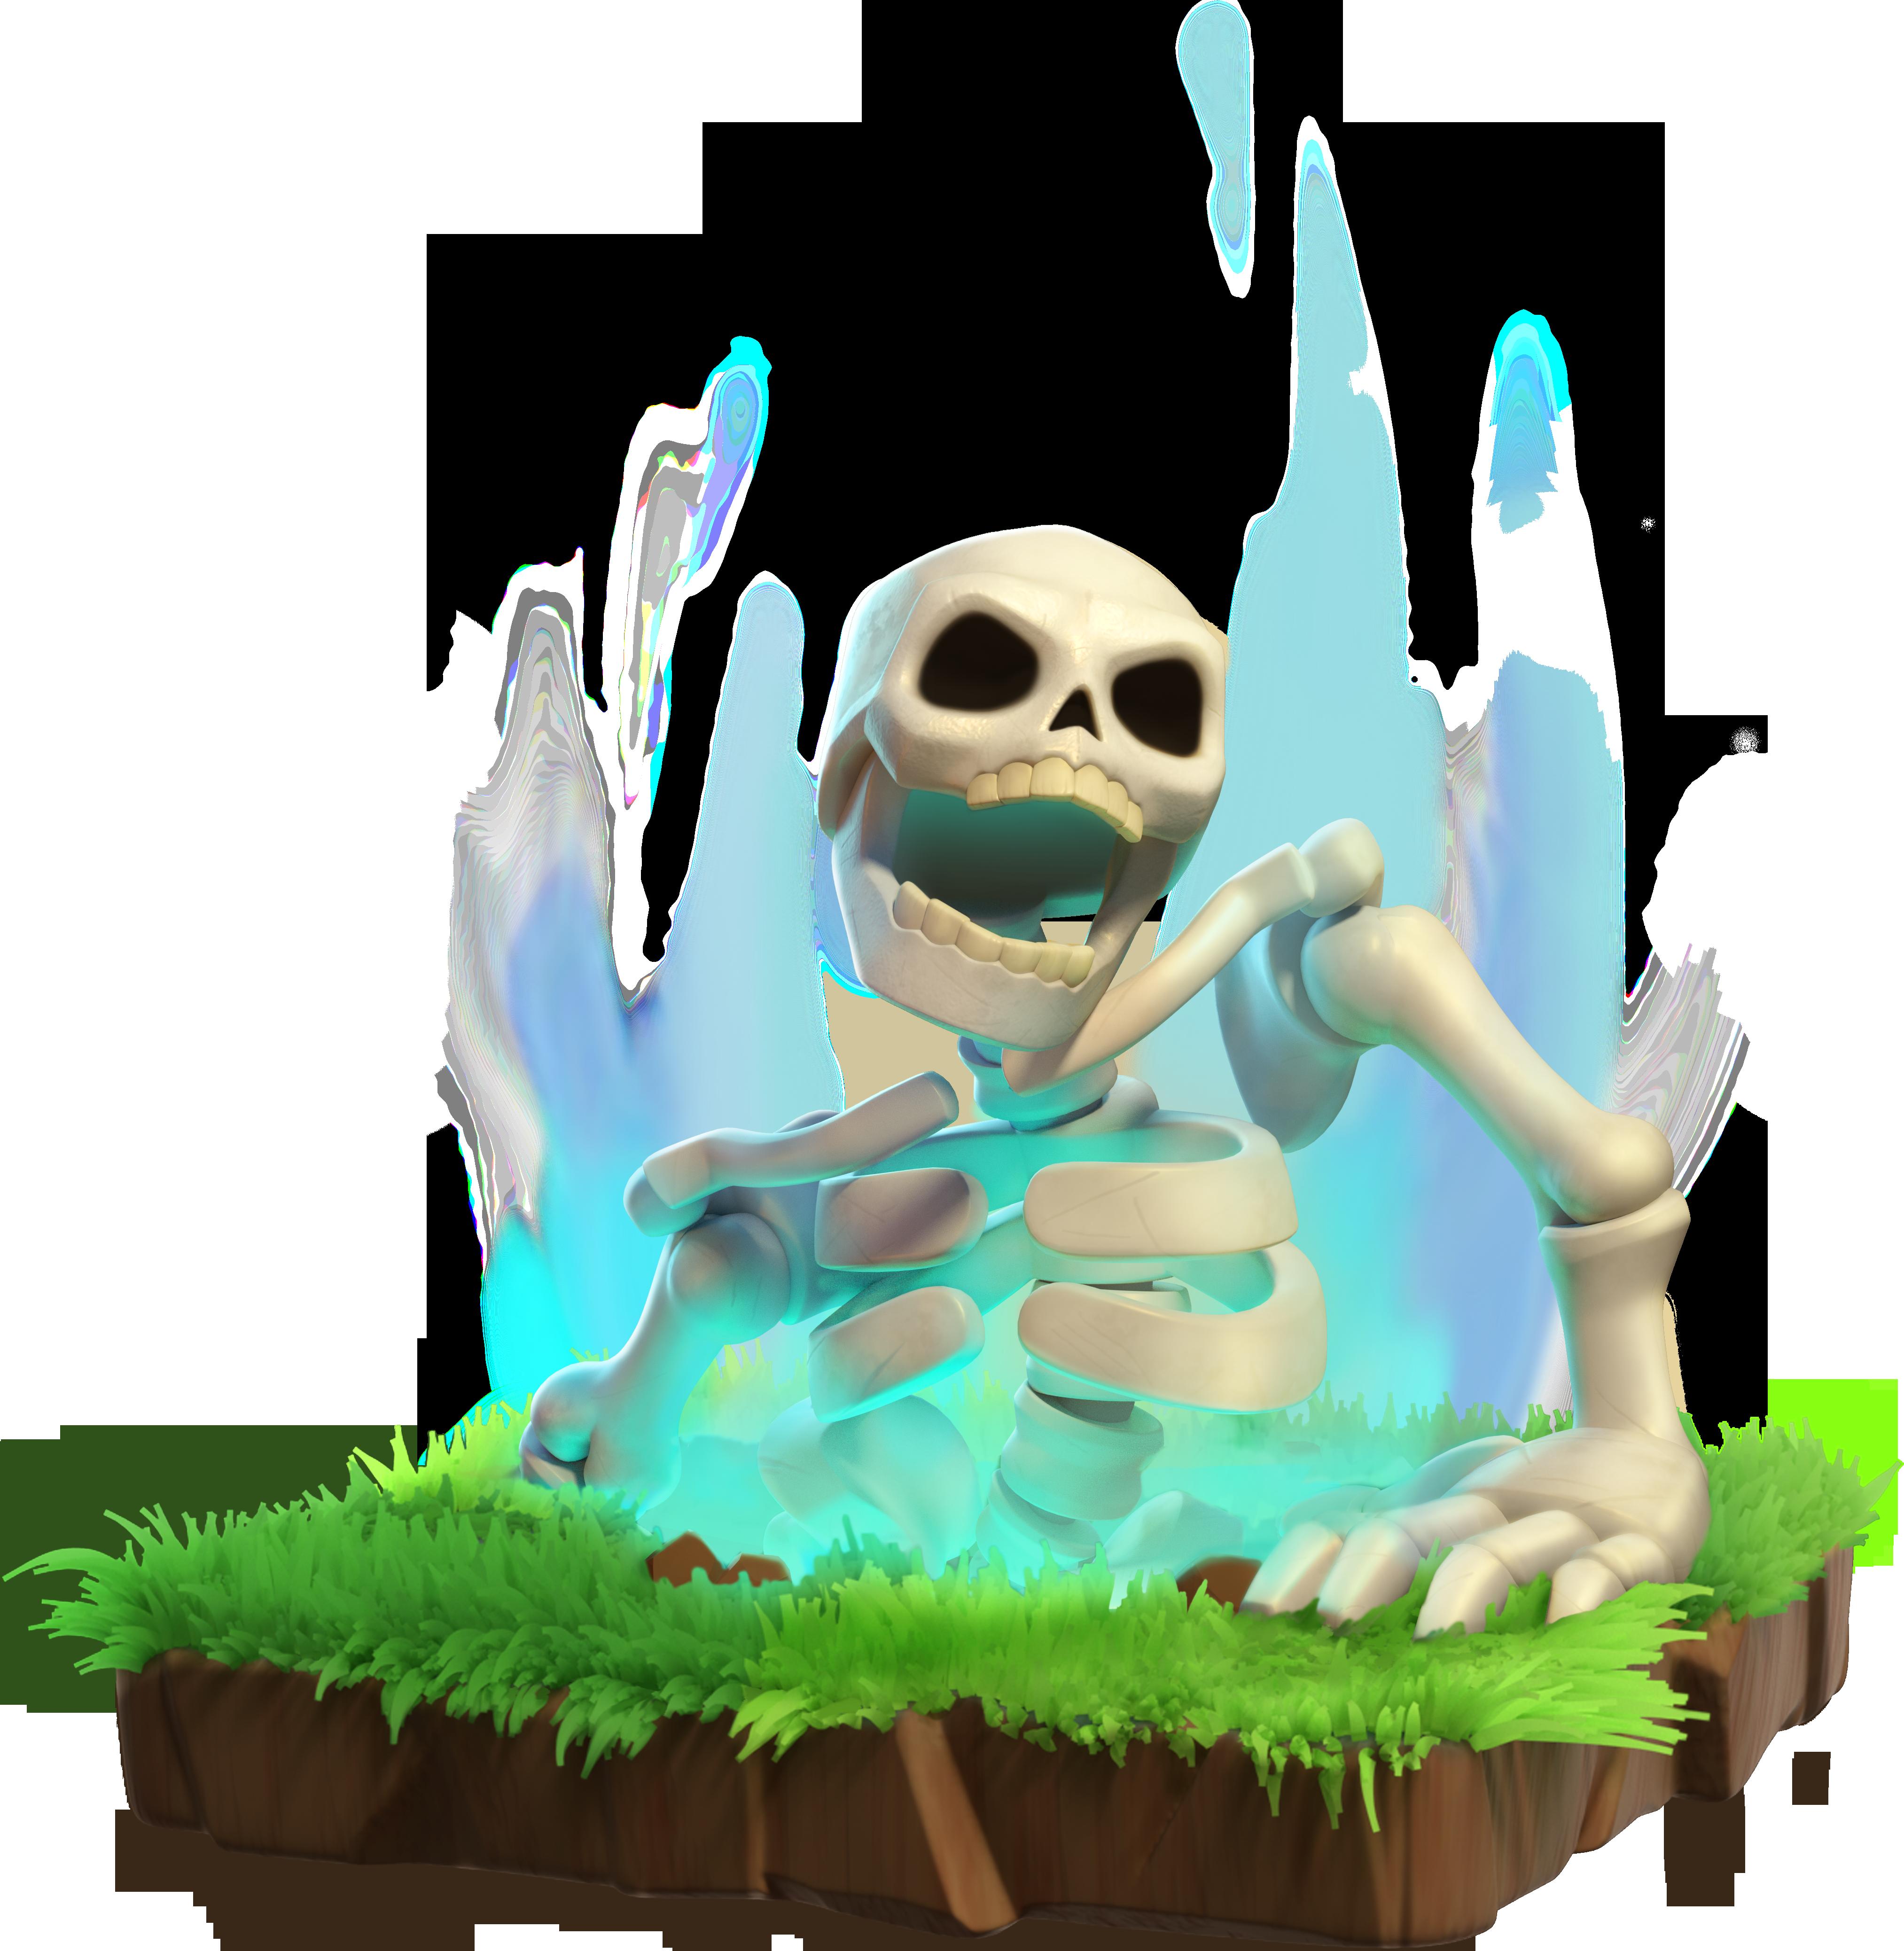 Knochengigant